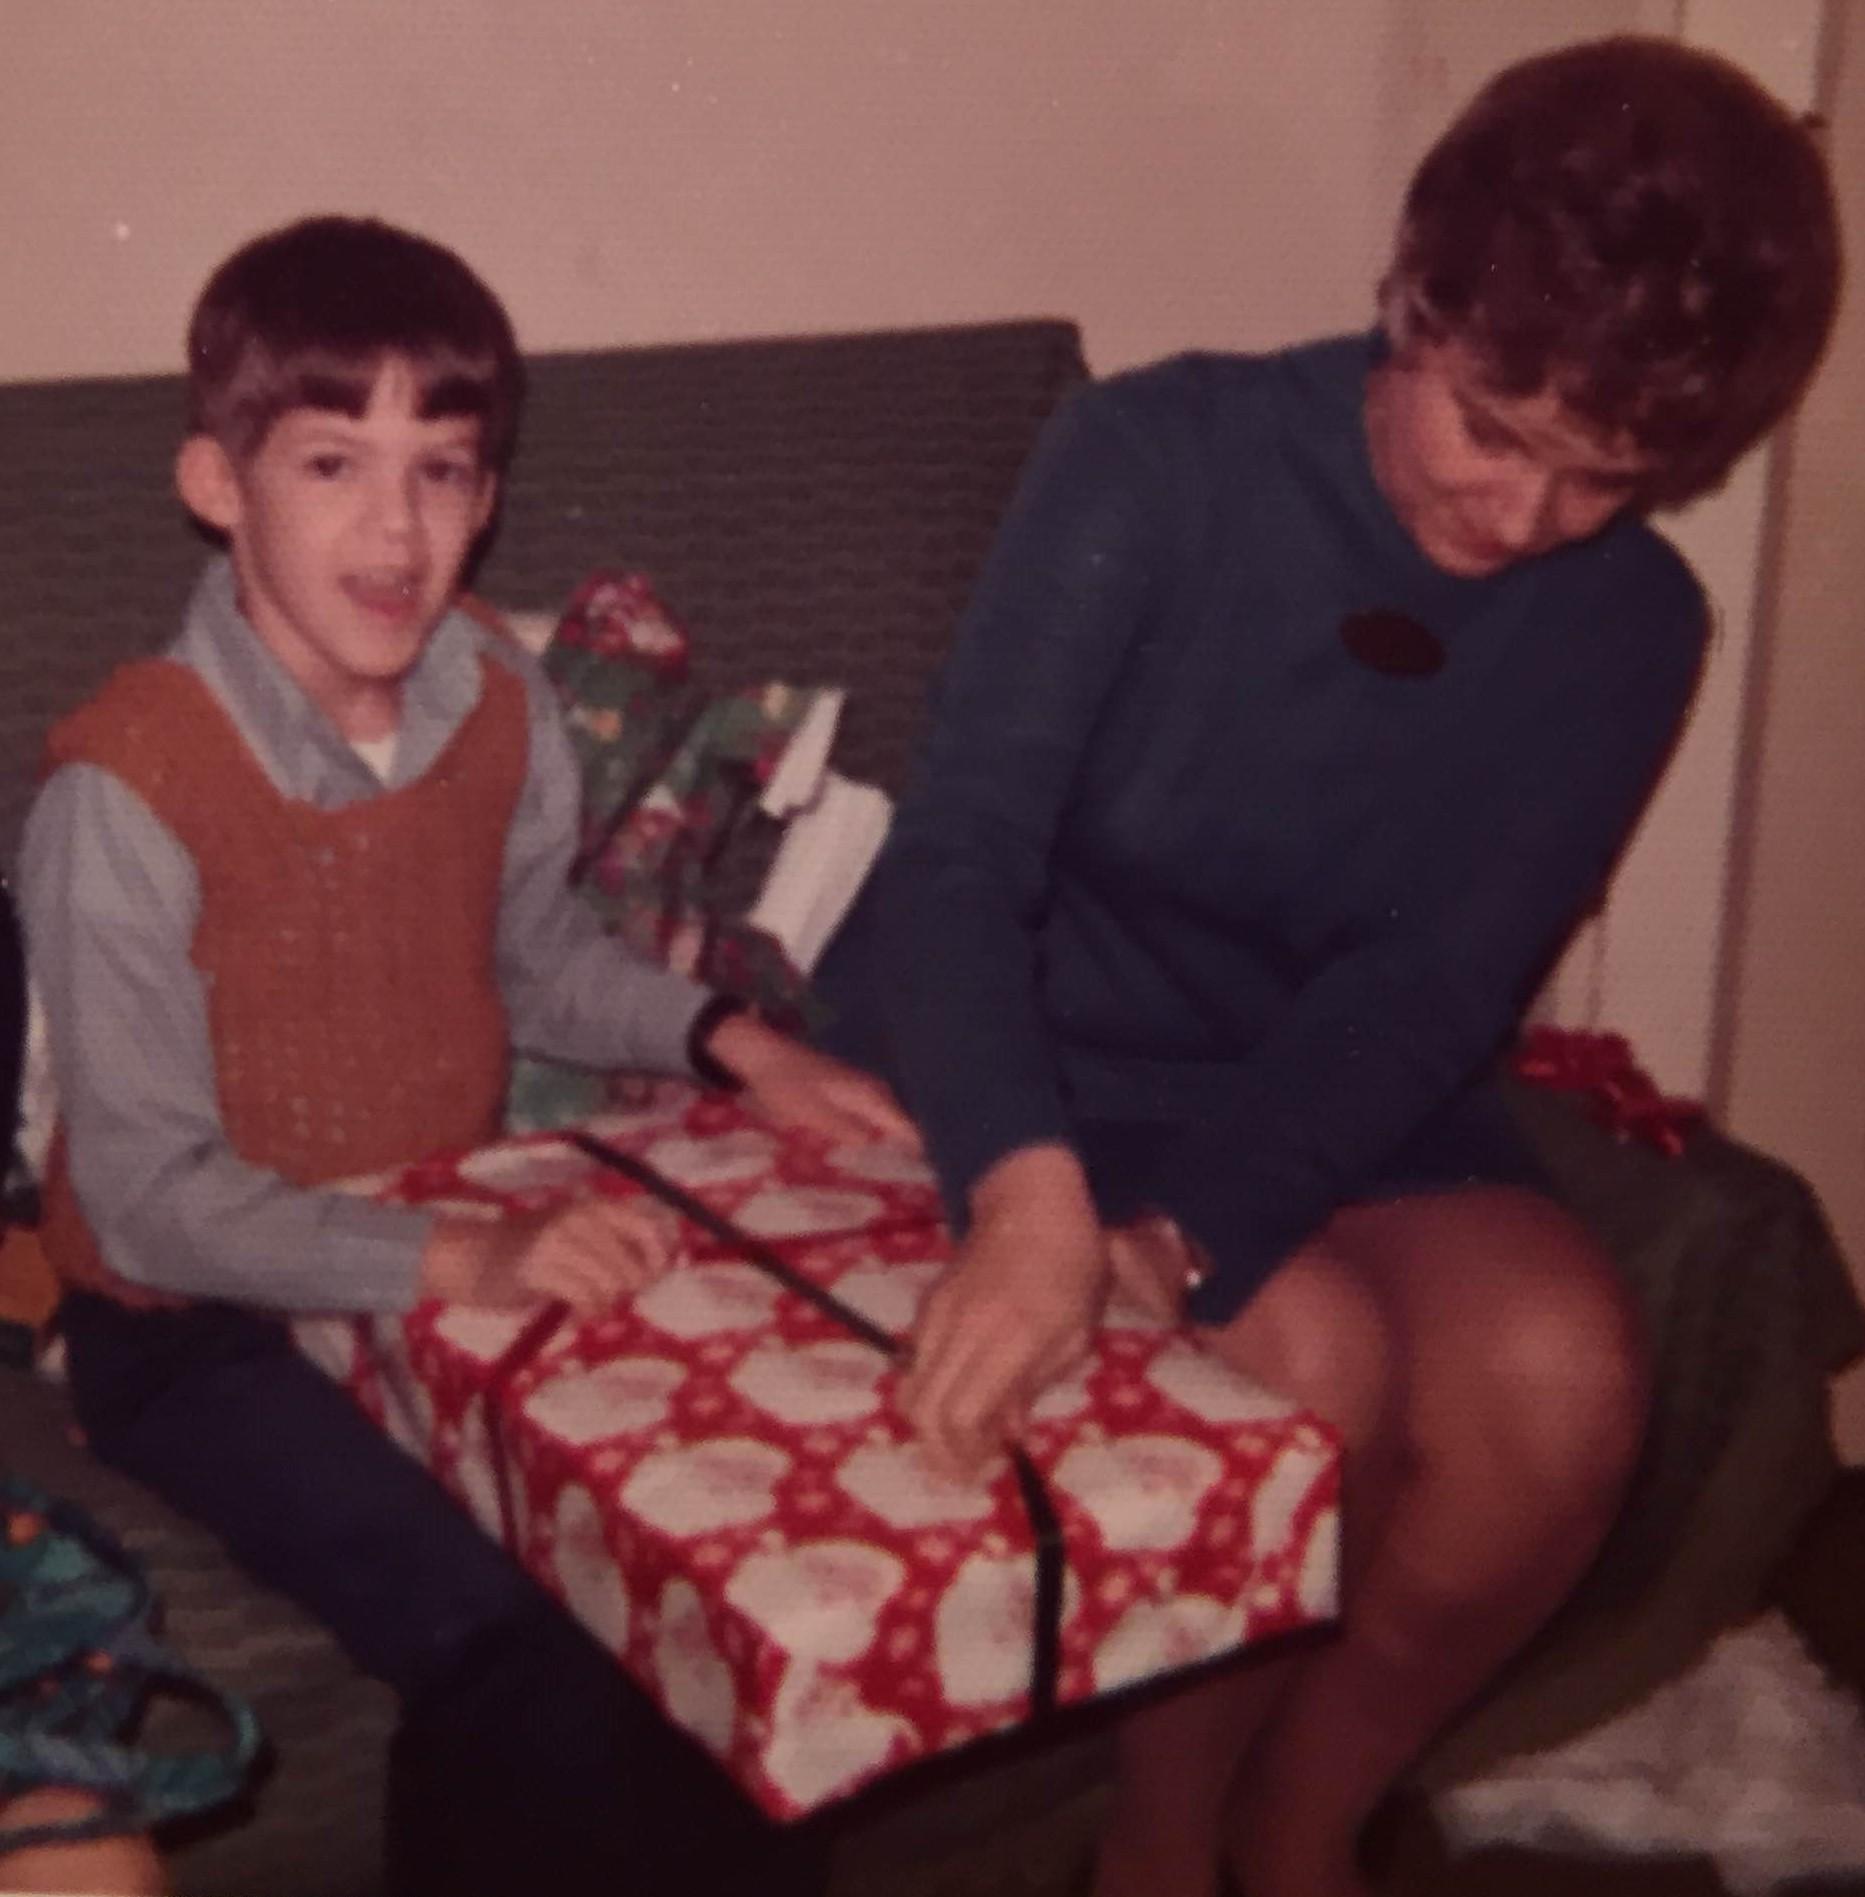 Me and mom, 1973.